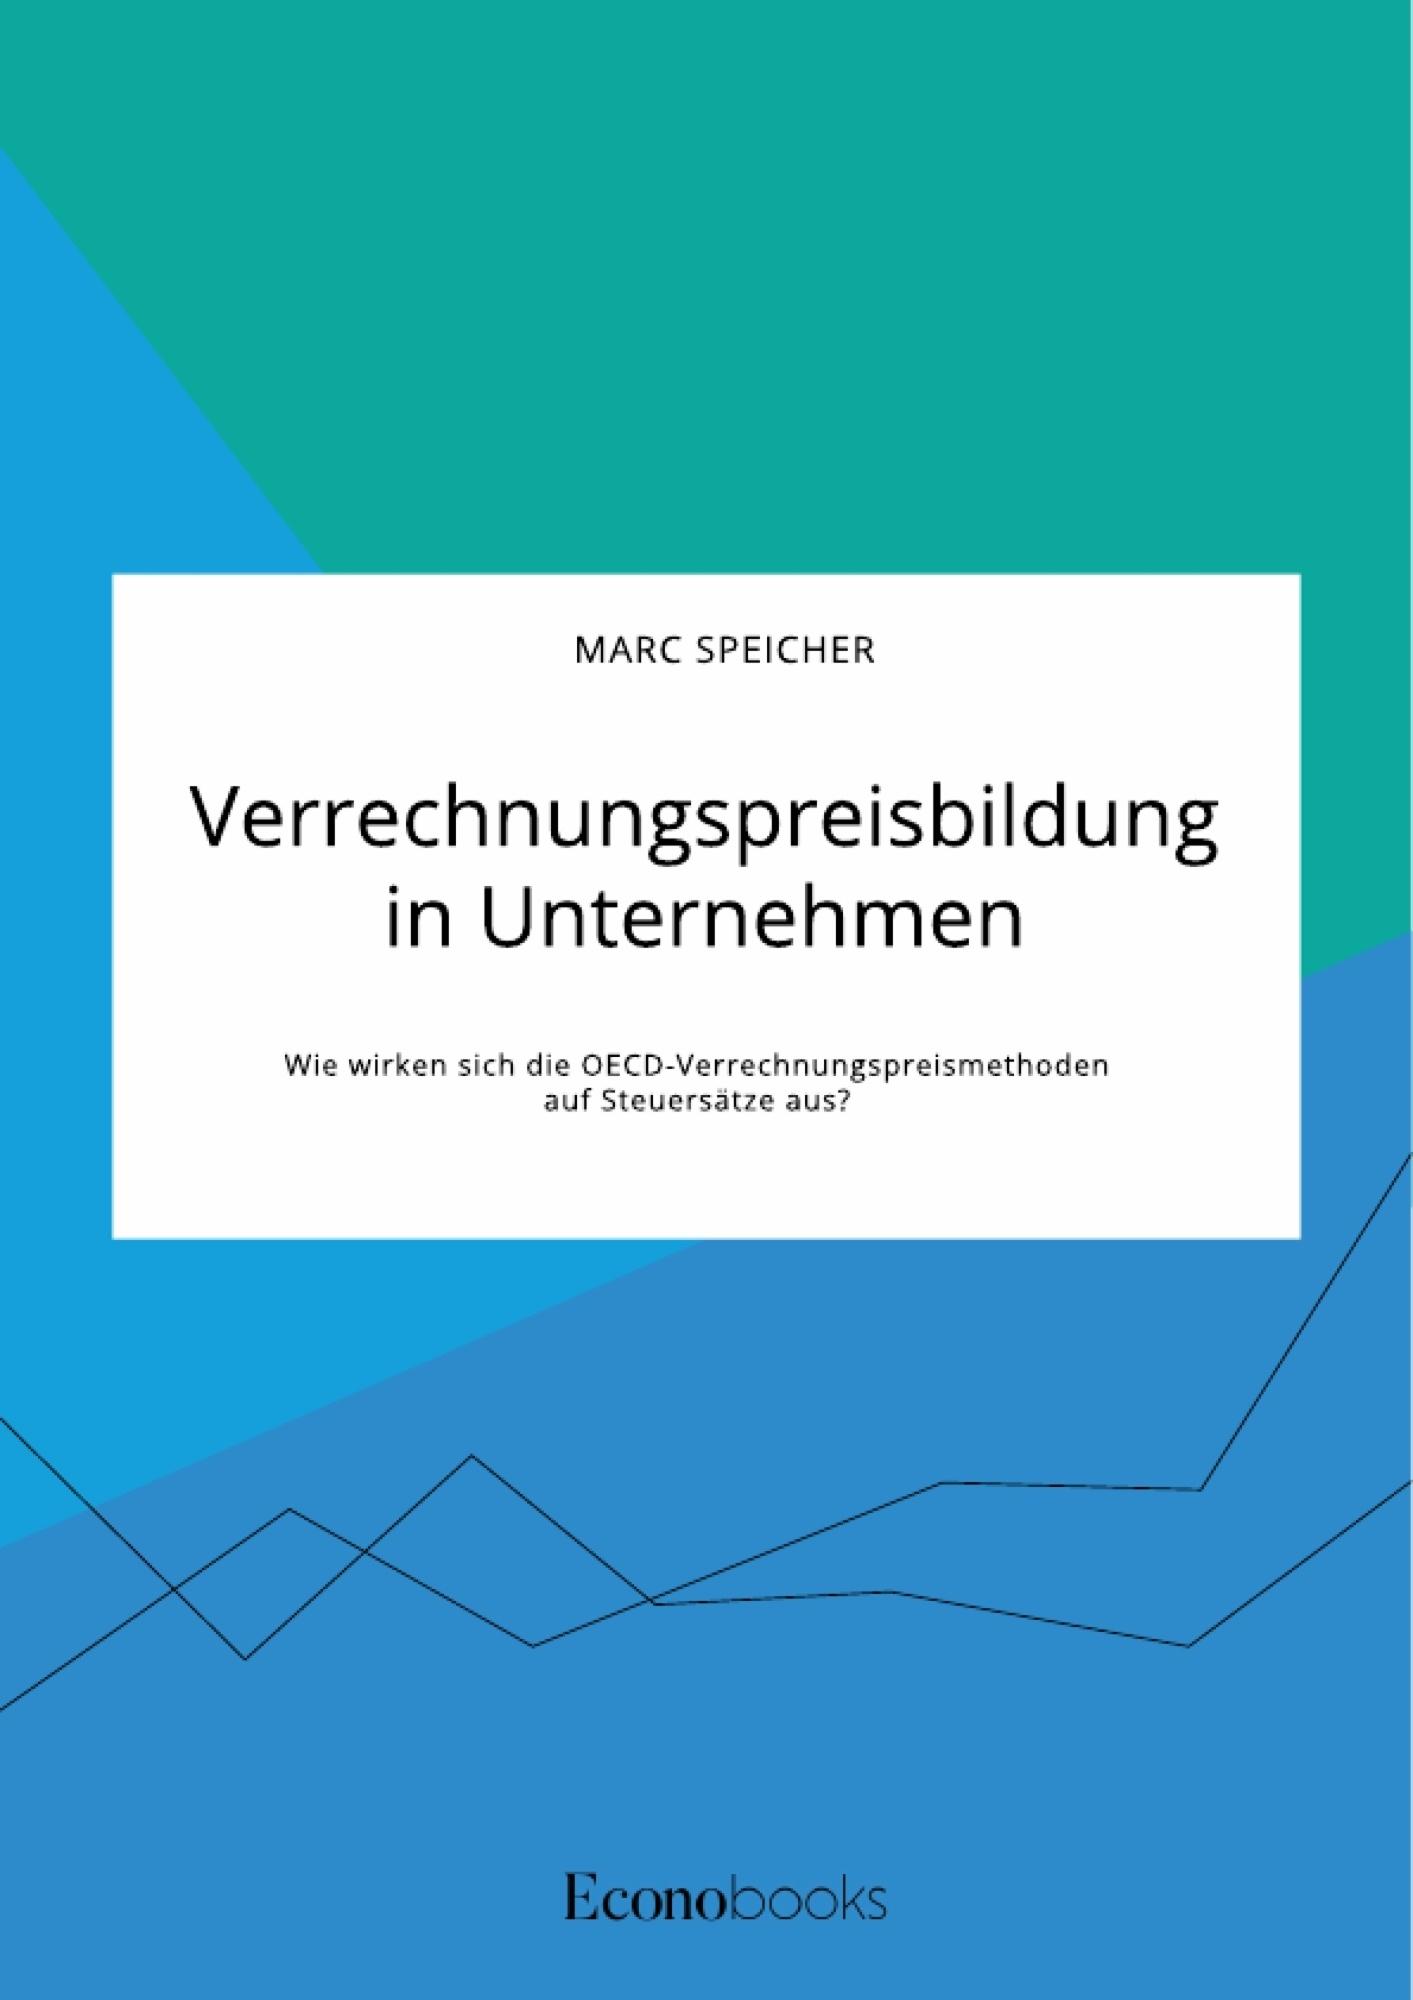 Titel: Verrechnungspreisbildung in Unternehmen. Wie wirken sich die OECD-Verrechnungspreismethoden auf Steuersätze aus?